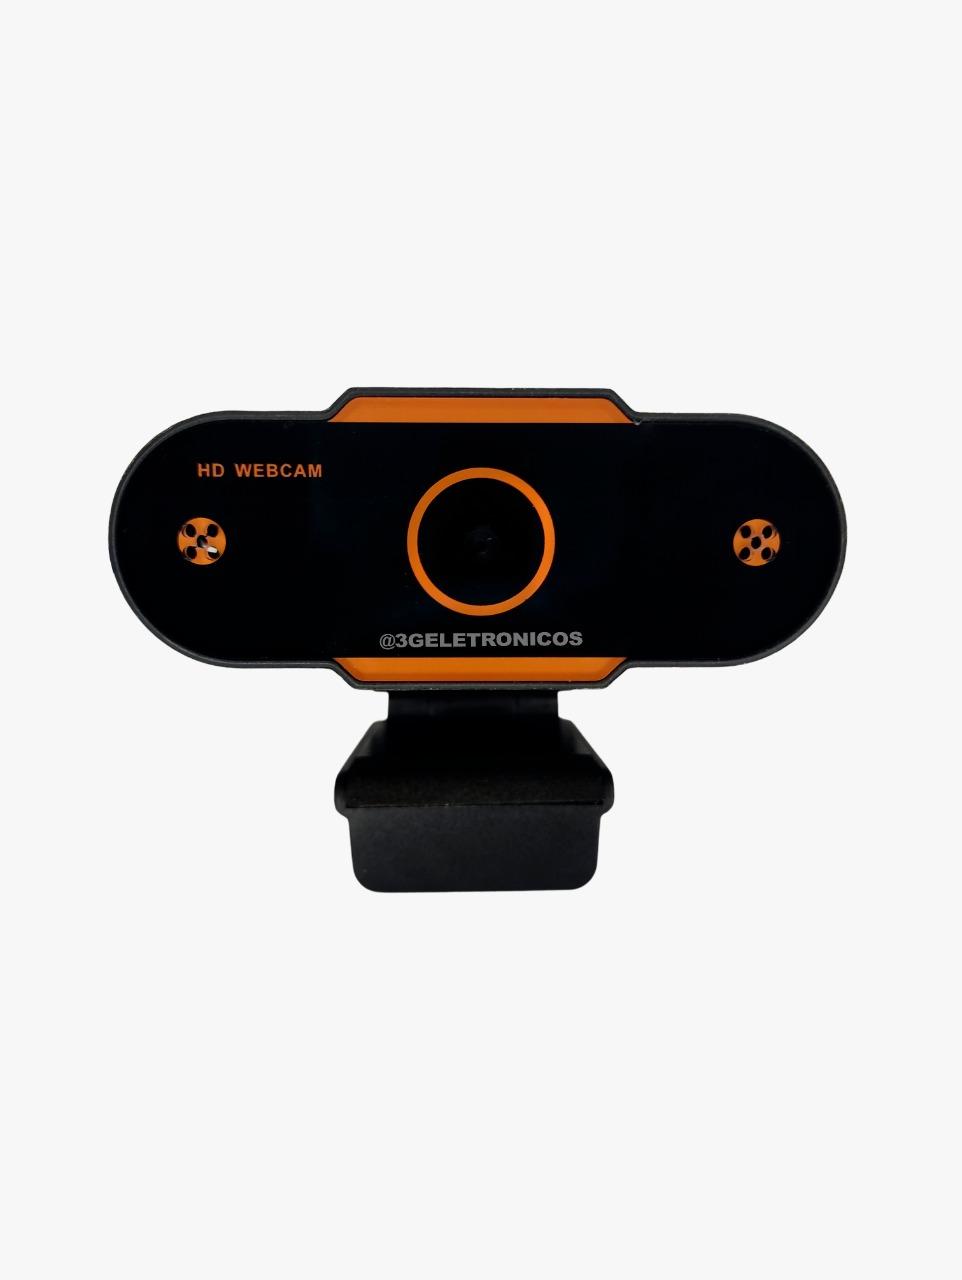 Webcam FullHD 1080P - Microfone e Redução de Ruído Desktop PC Plug & Play- Preta com detalhe laranja